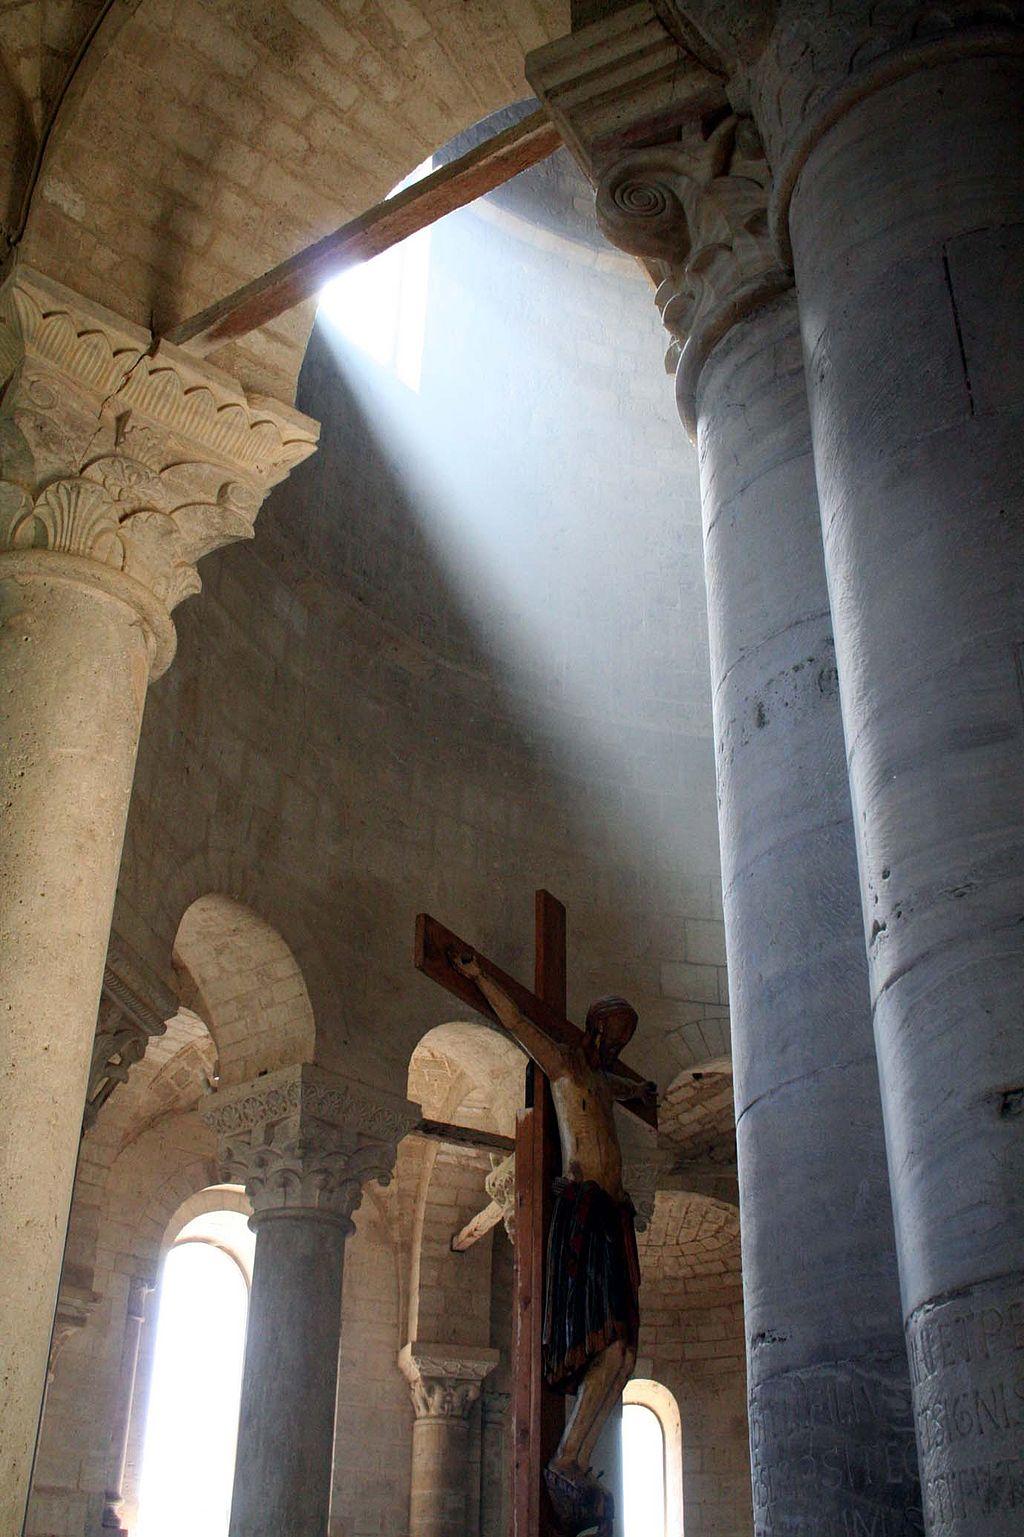 Abbazia di Sant'Antimo, Il crocifisso e l'abside